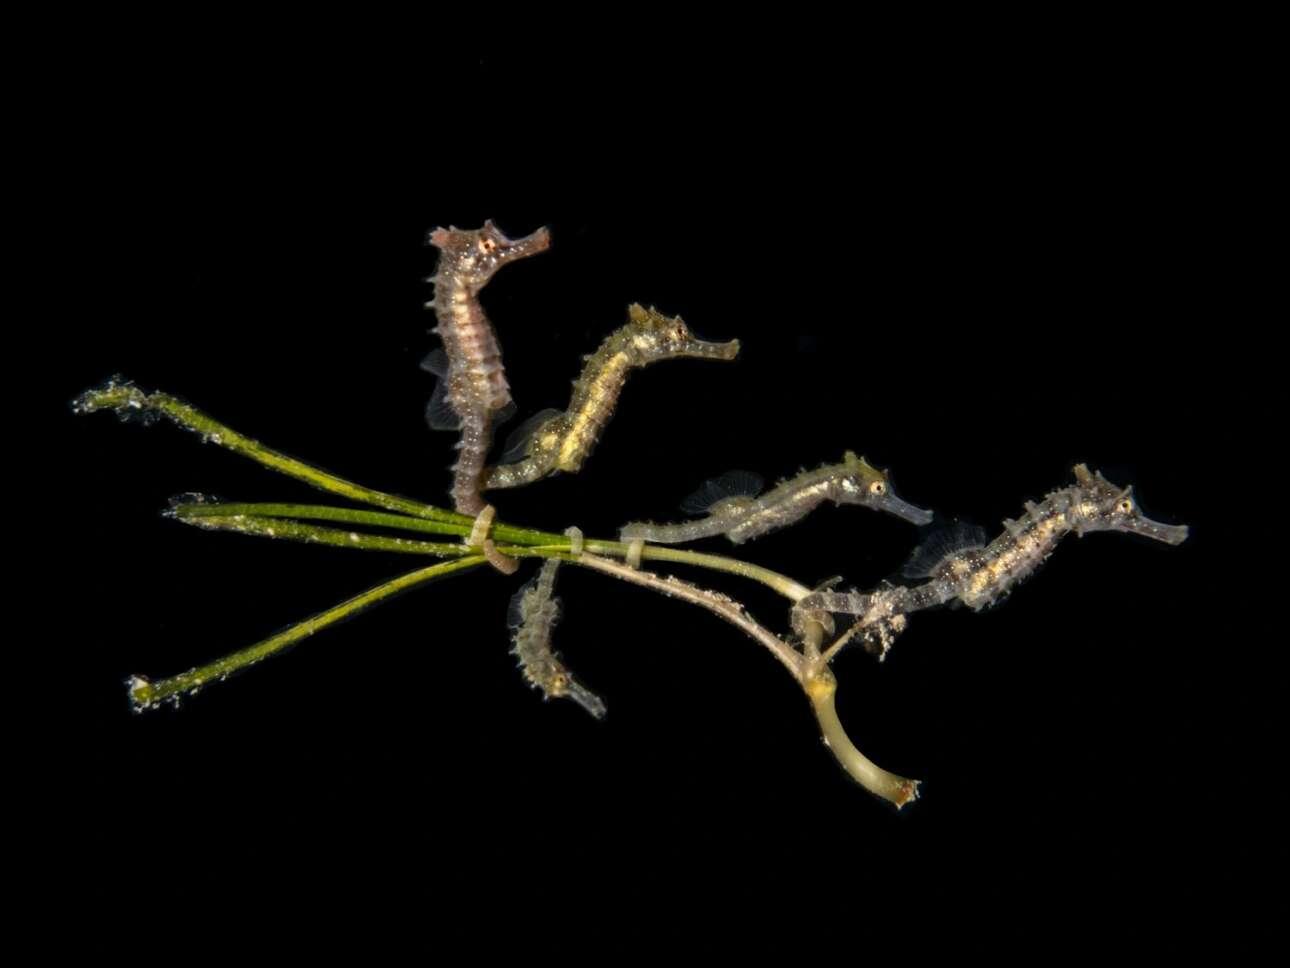 Το πρώτο βραβείο στην κατηγορία «Compact Macro» κέρδισε η φωτογραφία πέντε ιππόκαμπων βρεφικής ηλικίας στην περιοχή Blairgowrie Pier της Μελβούρνης στην Αυστραλία. Οι νεογέννητοι ιππόκαμποι έχουν αγκιστρωθεί σε ένα φύκι έτσι ώστε να μετακινούνται πιο εύκολα αλλά και να μπορούν να αντιμετωπίσουν από κοινού μια πιθανή απειλή. Μια ακόμη λεπτομέρεια που έδωσε στην φωτογραφία την πρώτη θέση είναι ότι ο φωτογράφος κατάφερε να καταγράψει την στιγμή που όλοι οι ιππόκαμποι κοιτάζουν στην ίδια κατεύθυνση